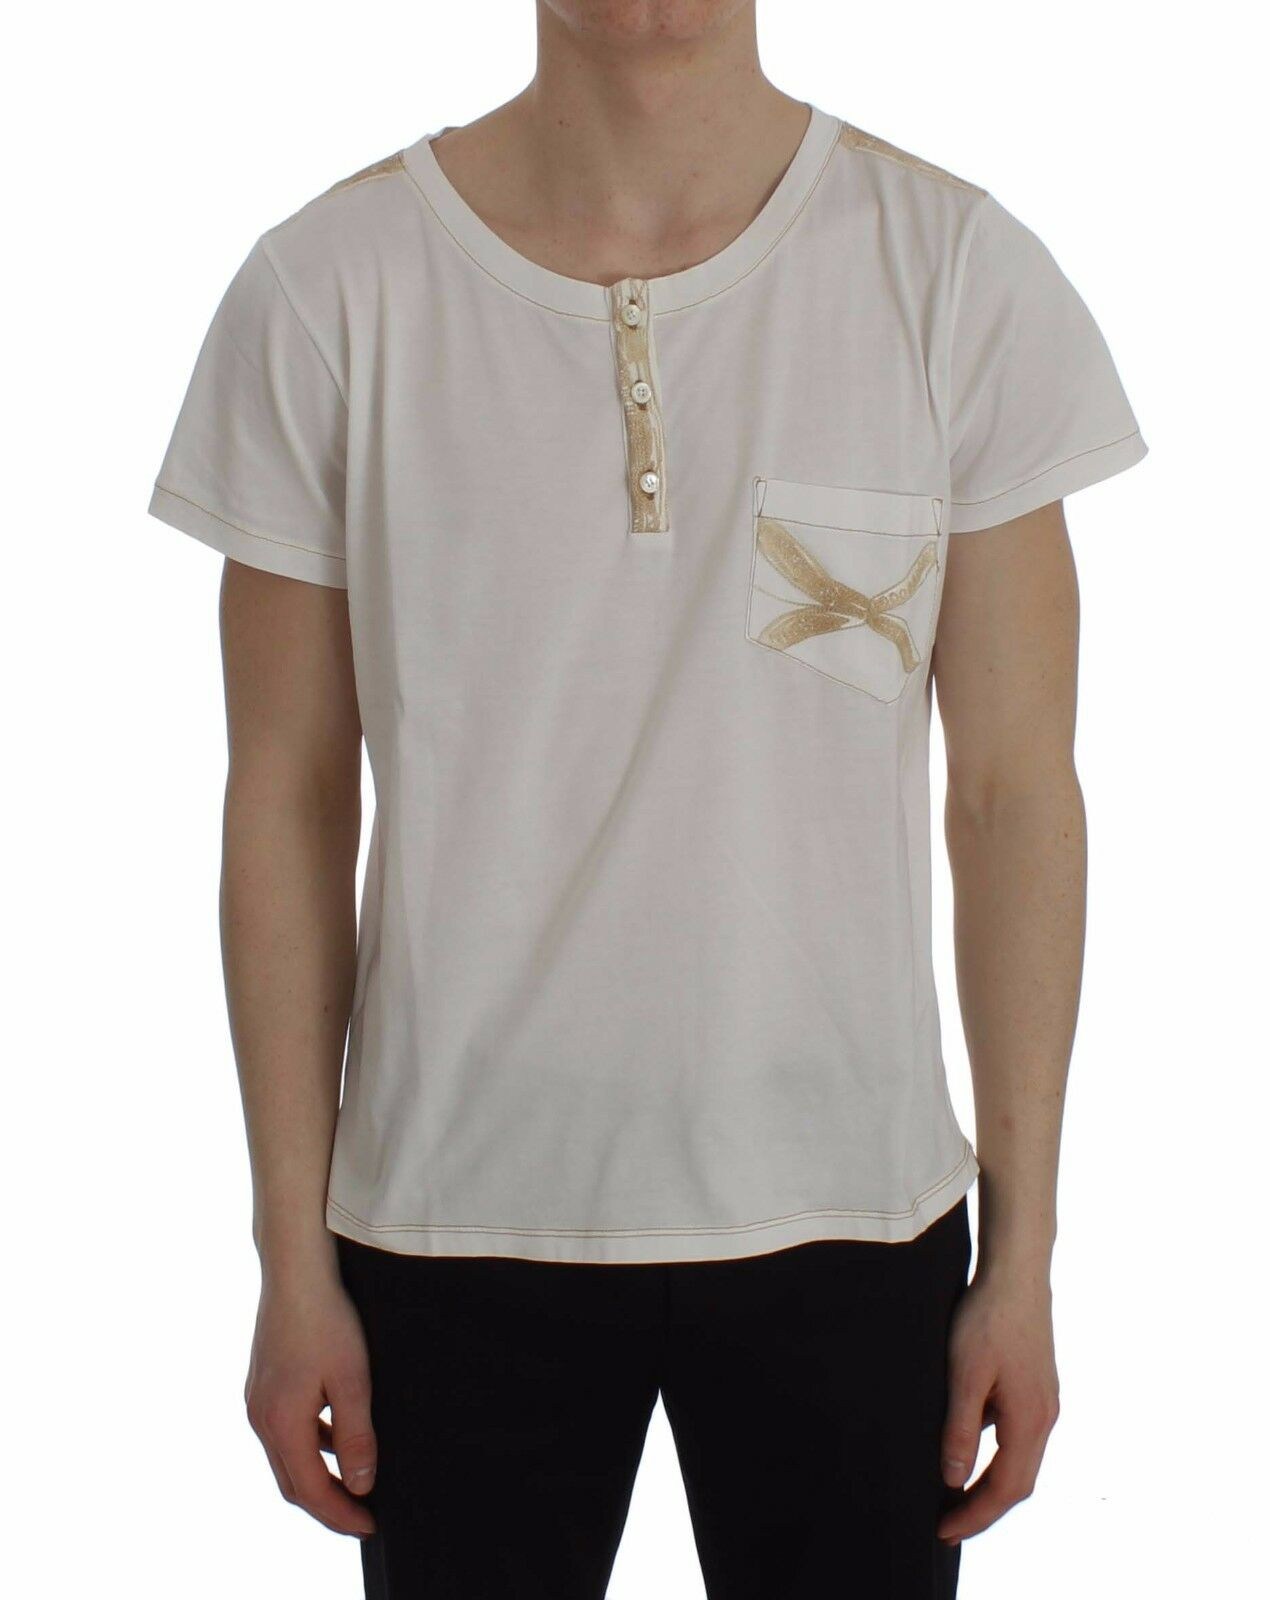 NEW ERMANNO SCERVINO Beachwear T-shirt Weiß Cotton Henley Top s. 48 / M